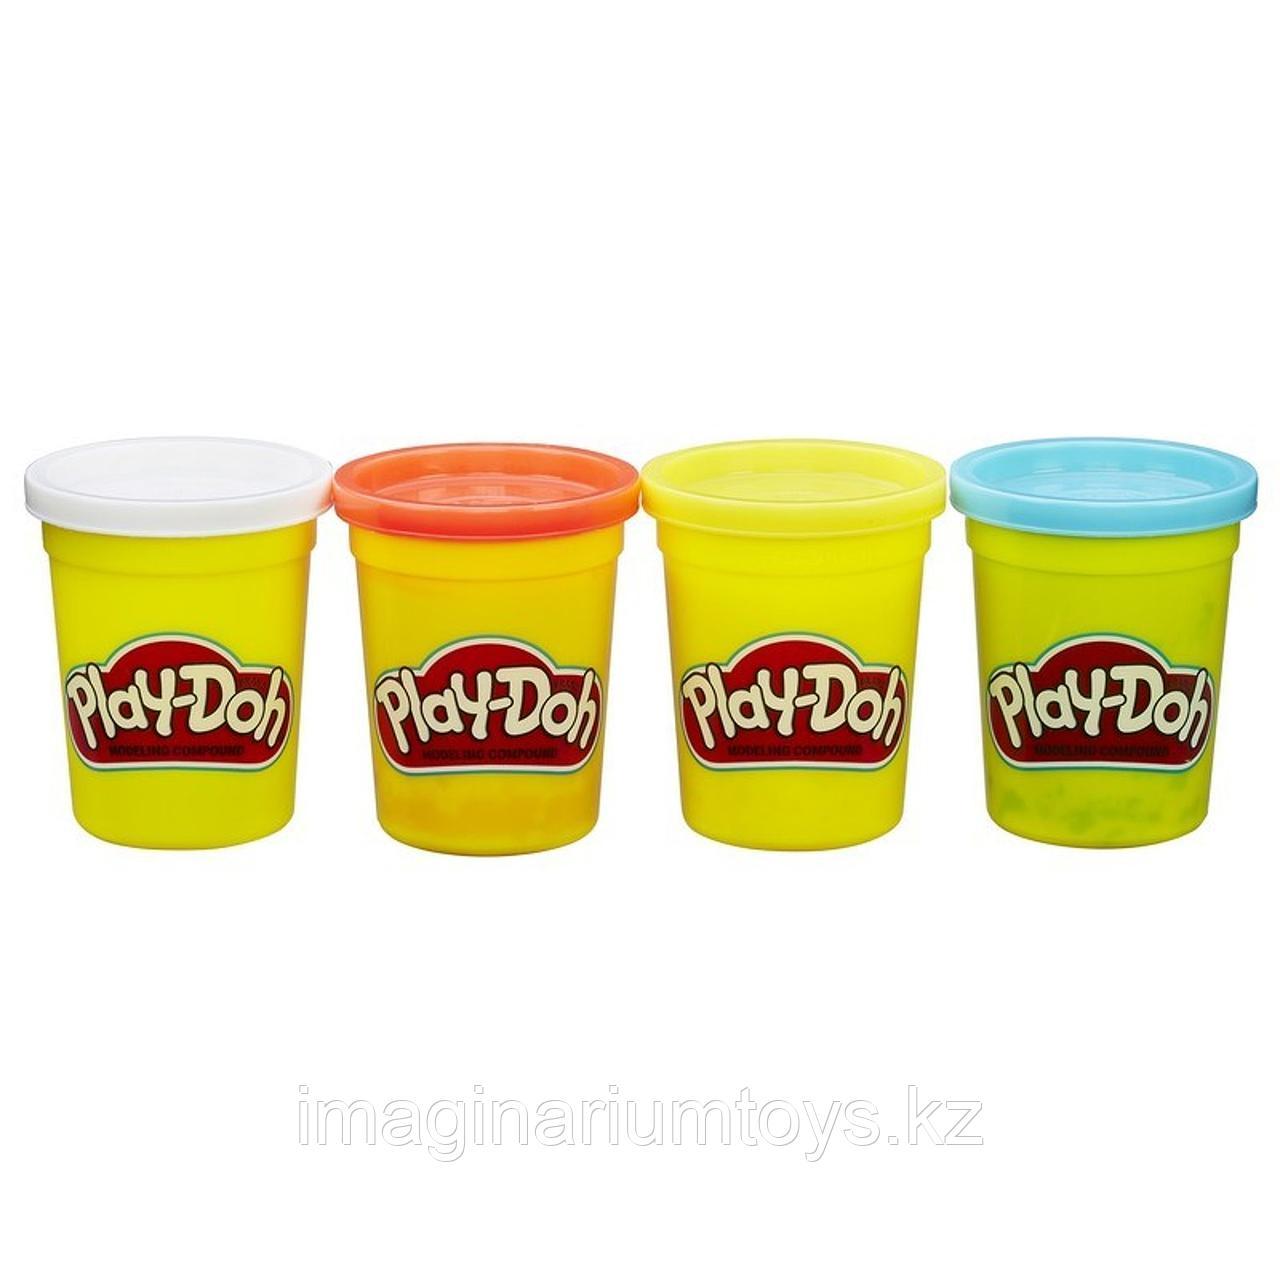 Пластилин детский Play-Doh набор 4 цвета в ассортименте - фото 1